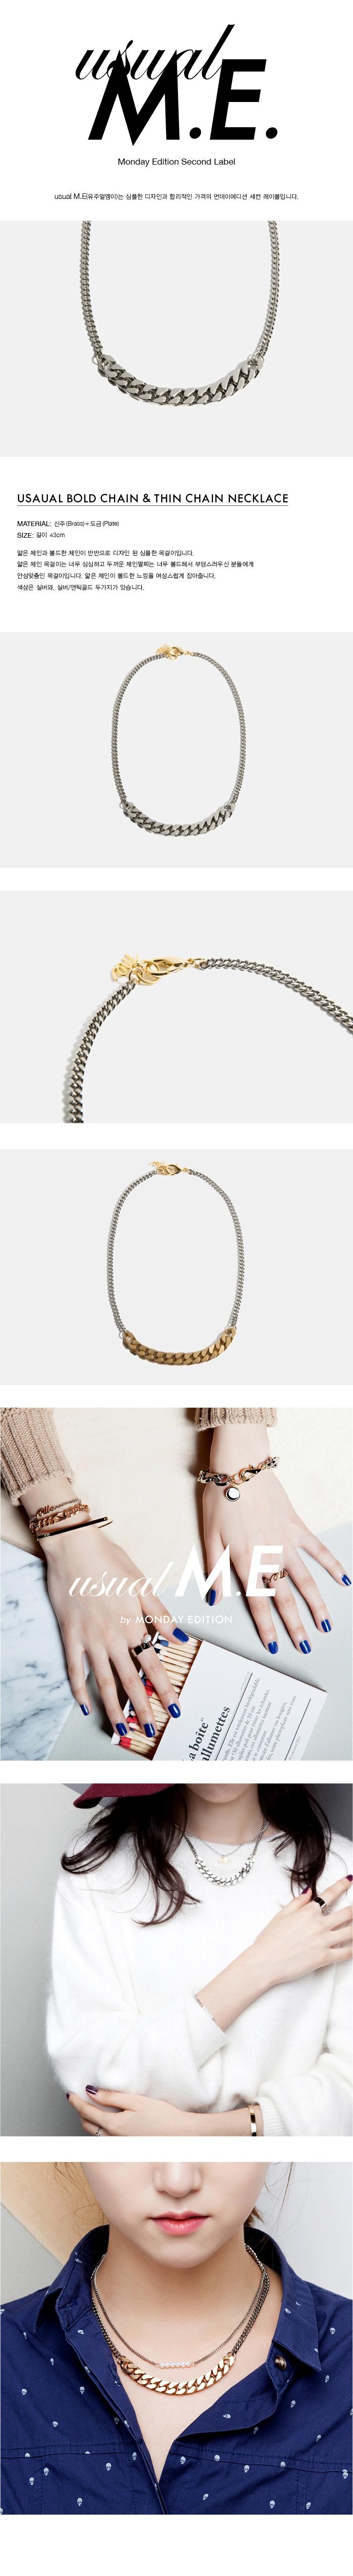 먼데이에디션(MONDAY EDITION) [usual M.E] Bold chain & thin chain necklace (2 colors)